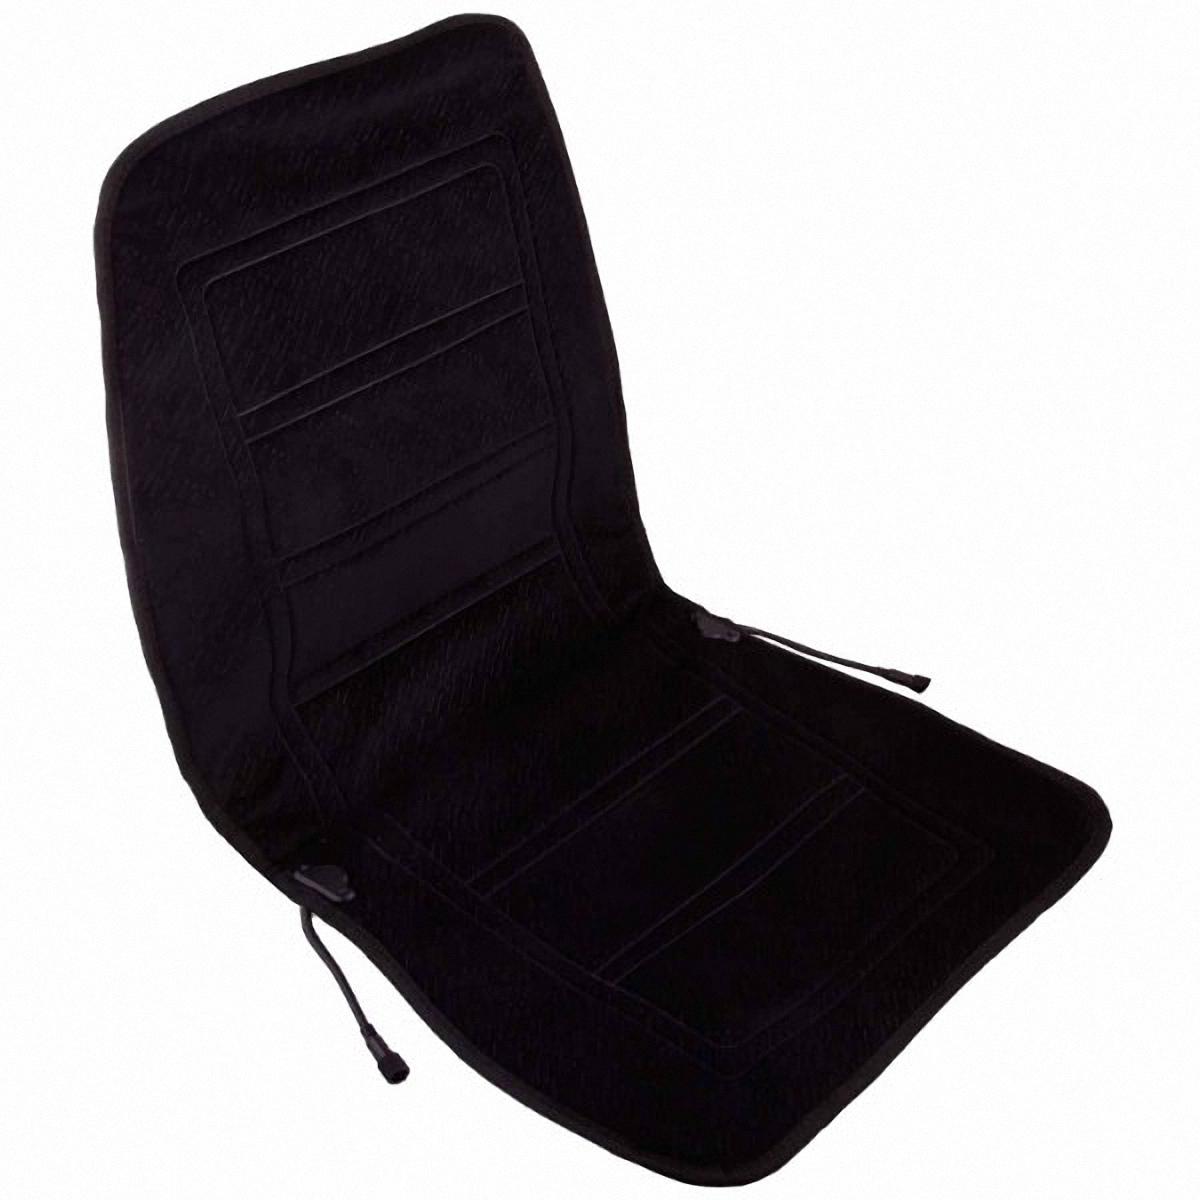 Подогрев для сиденья Skyway, со спинкой, цвет: черный, 95 х 47 смS02201018В подогреве для сиденья Skyway в качестве теплоносителя применяется углеродный материал. Такой нагреватель обладает феноменальной гибкостью и прочностью на разрыв в отличие от аналогов, изготовленных из медного или иного металлического провода. Особенности: - Универсальный размер. - Снижает усталость при управлении автомобилем. - Обеспечивает комфортное вождение в холодное время года. - Простая и быстрая установка. - Умеренный и интенсивный режим нагрева. - Терморегулятор для изменения интенсивности нагрева. - Защита крепления шнура питания к подогреву. Устройство подключается к прикуривателю на 12V.